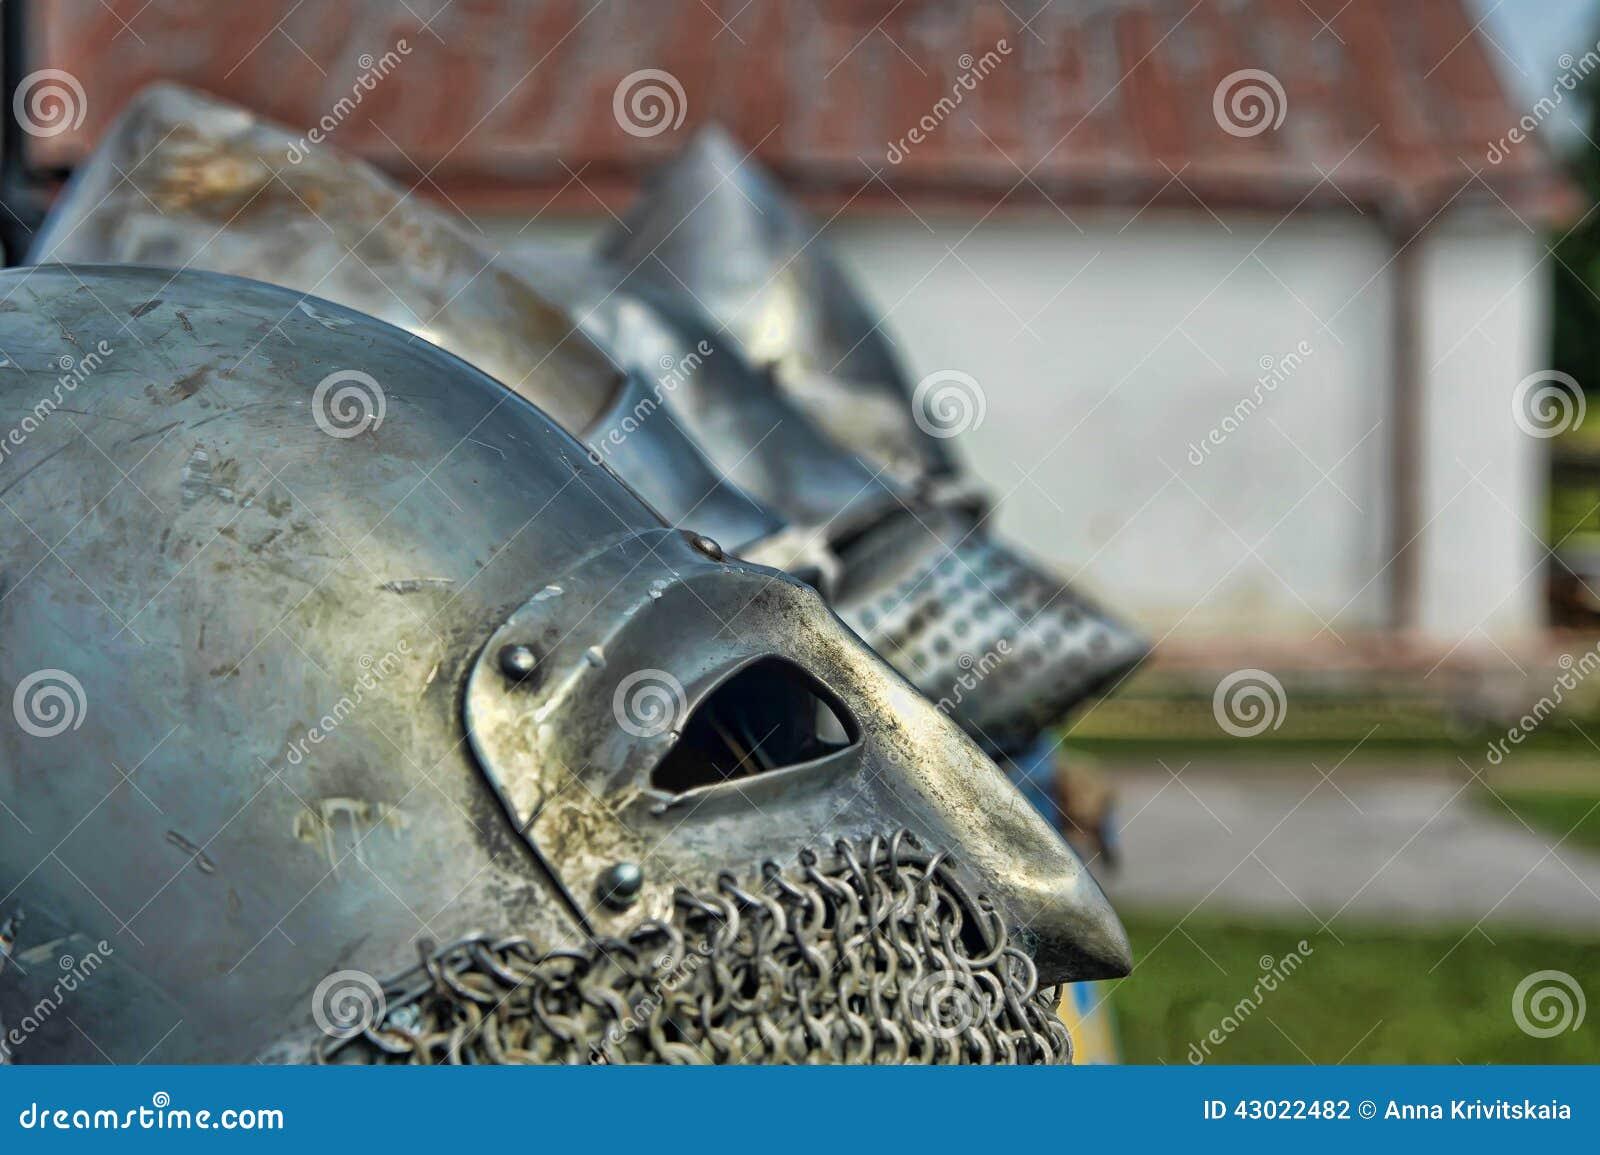 中世纪的盔甲理想牌粟粉454g图片